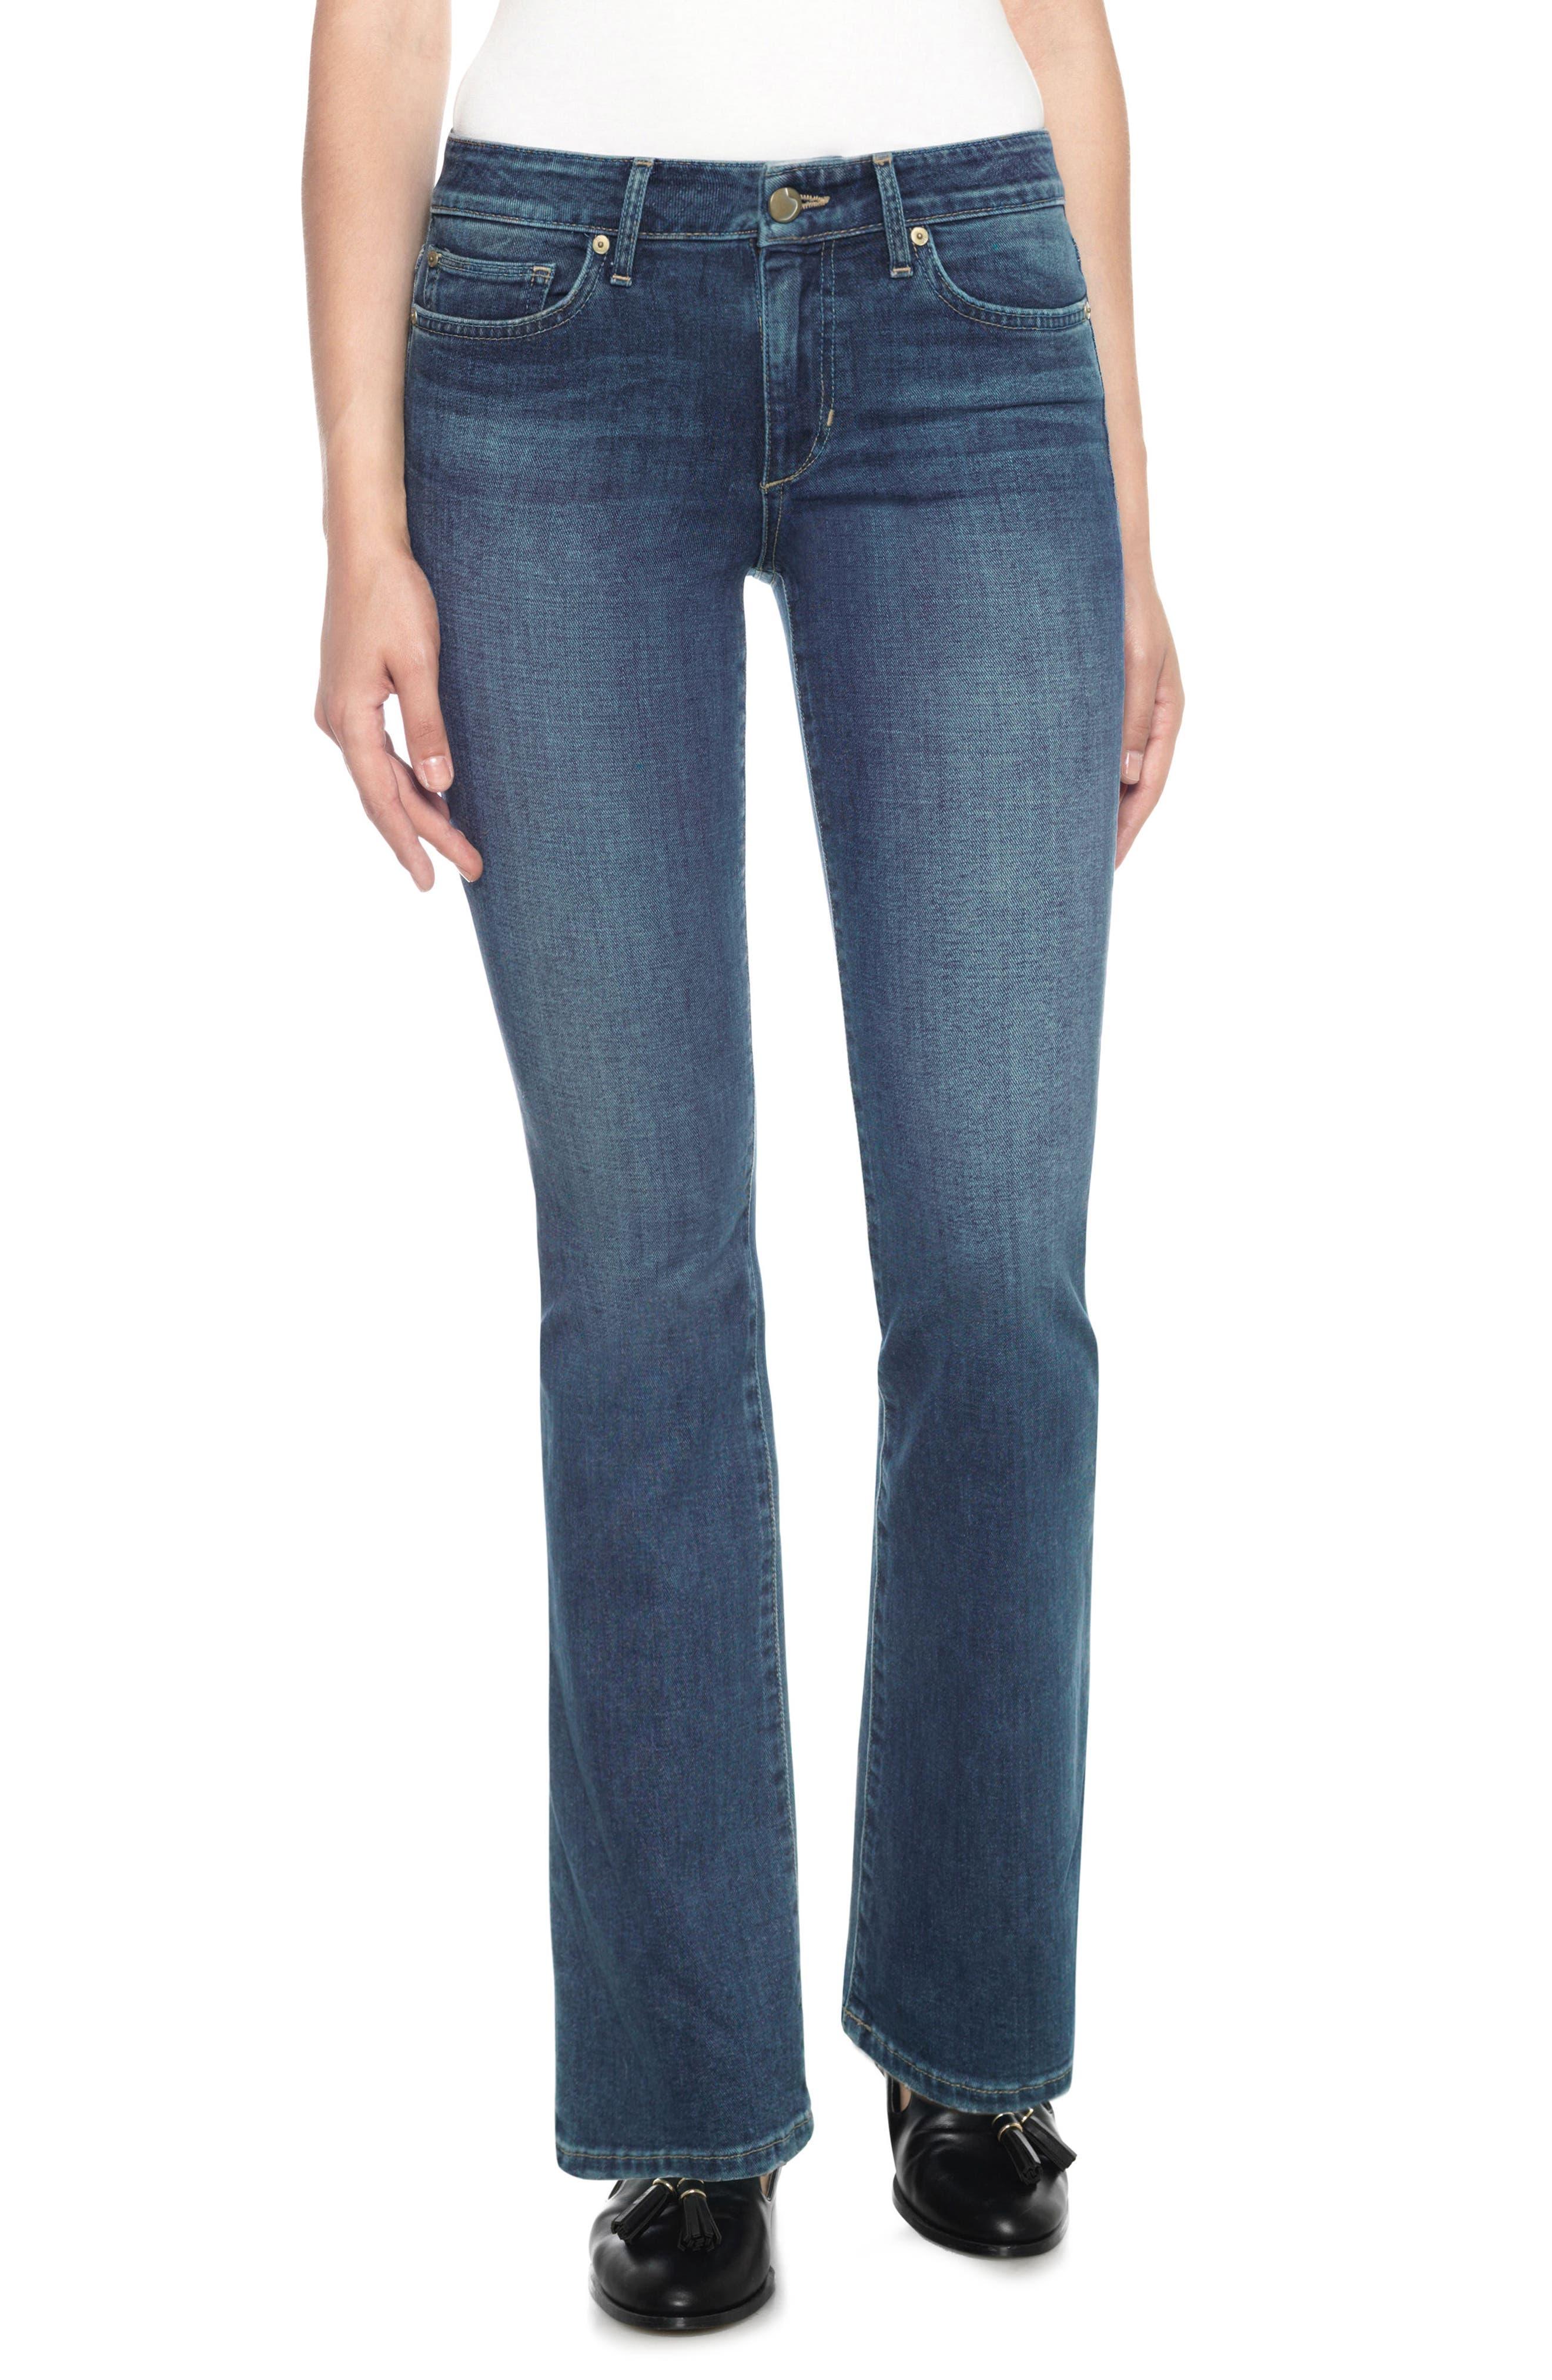 Provocateur Bootcut Jeans,                         Main,                         color, 411